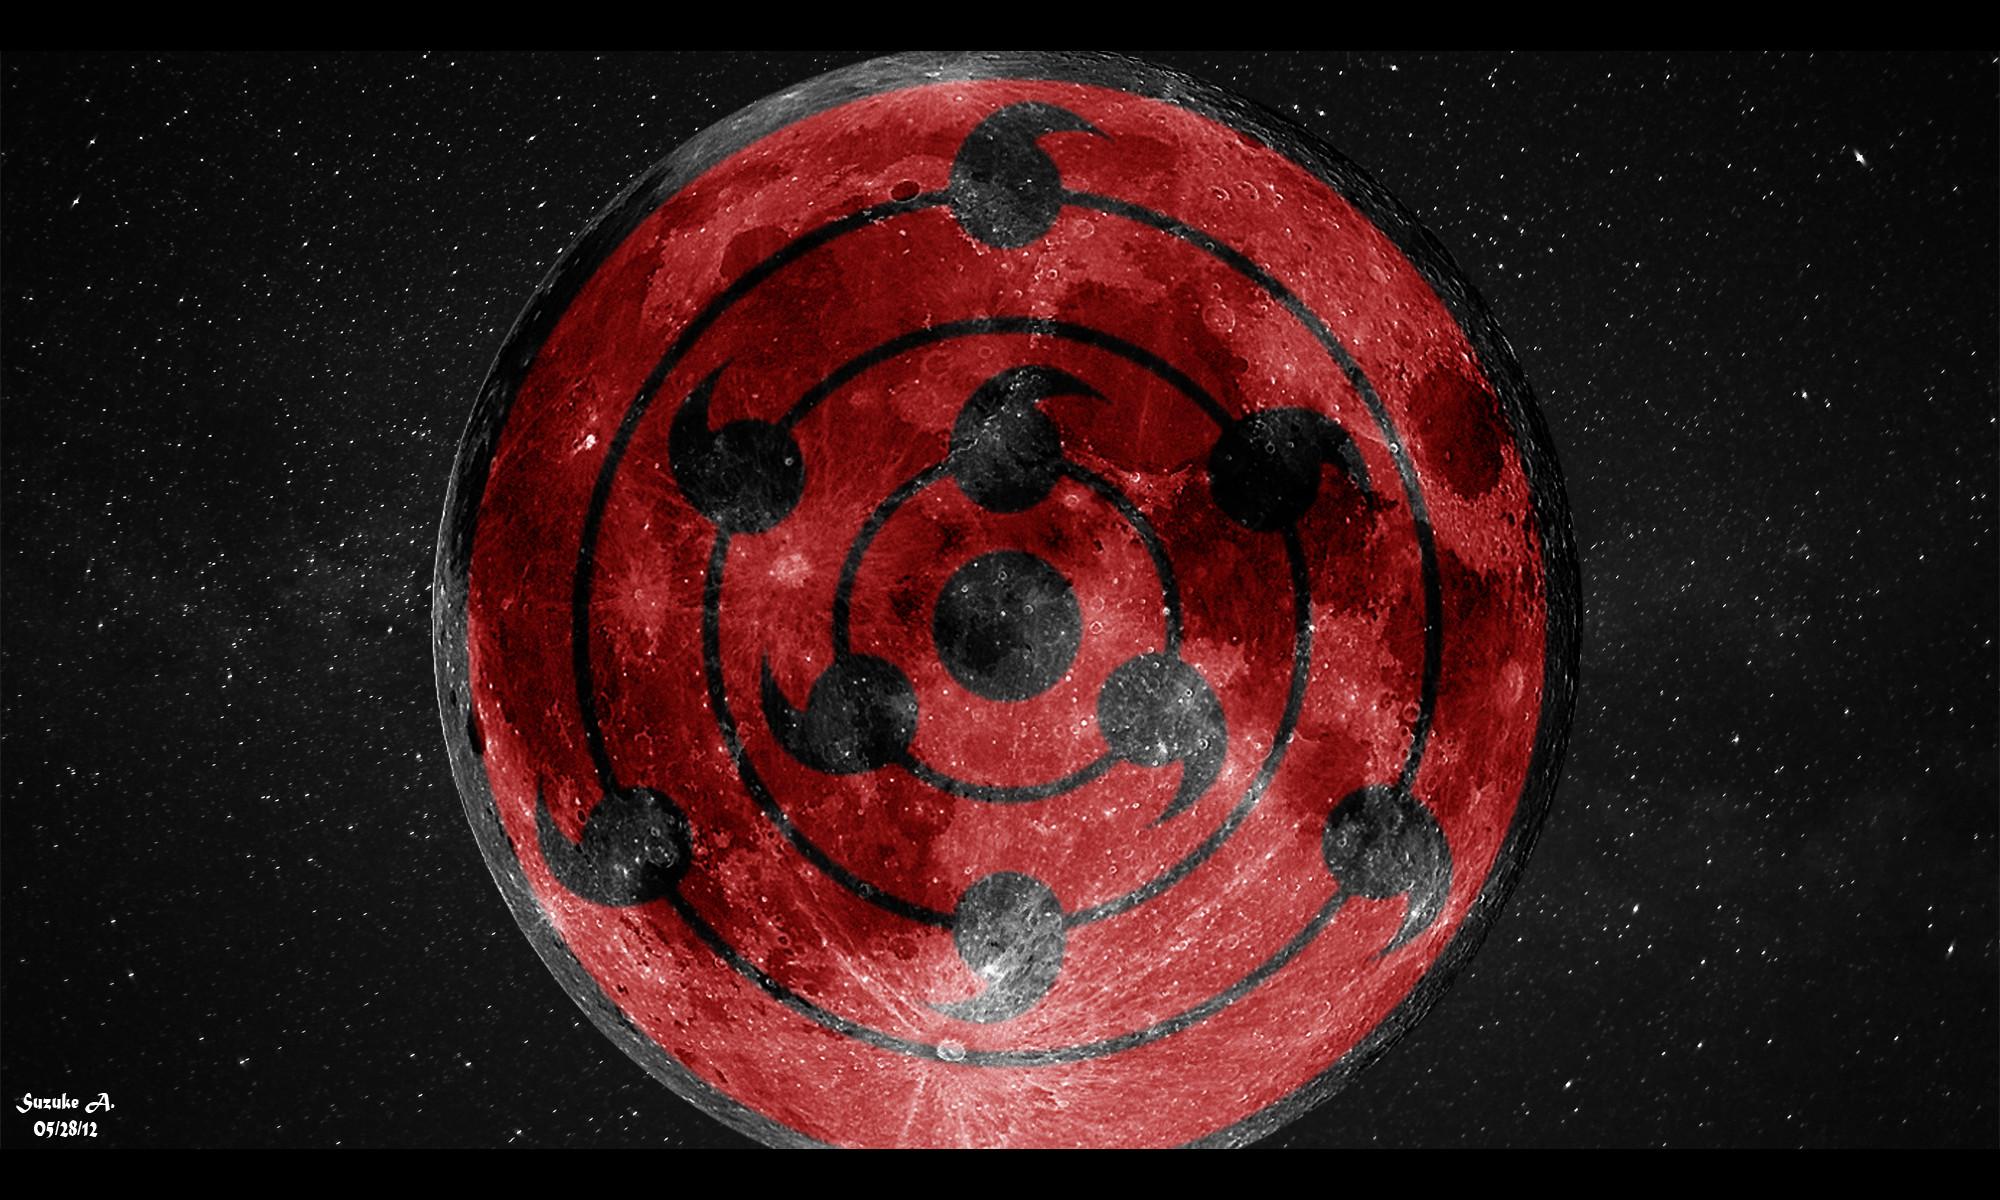 Sasuke Uchiha Rinnegan [Moon Eye] Wallpaper by SuzukeAmaterasu on .